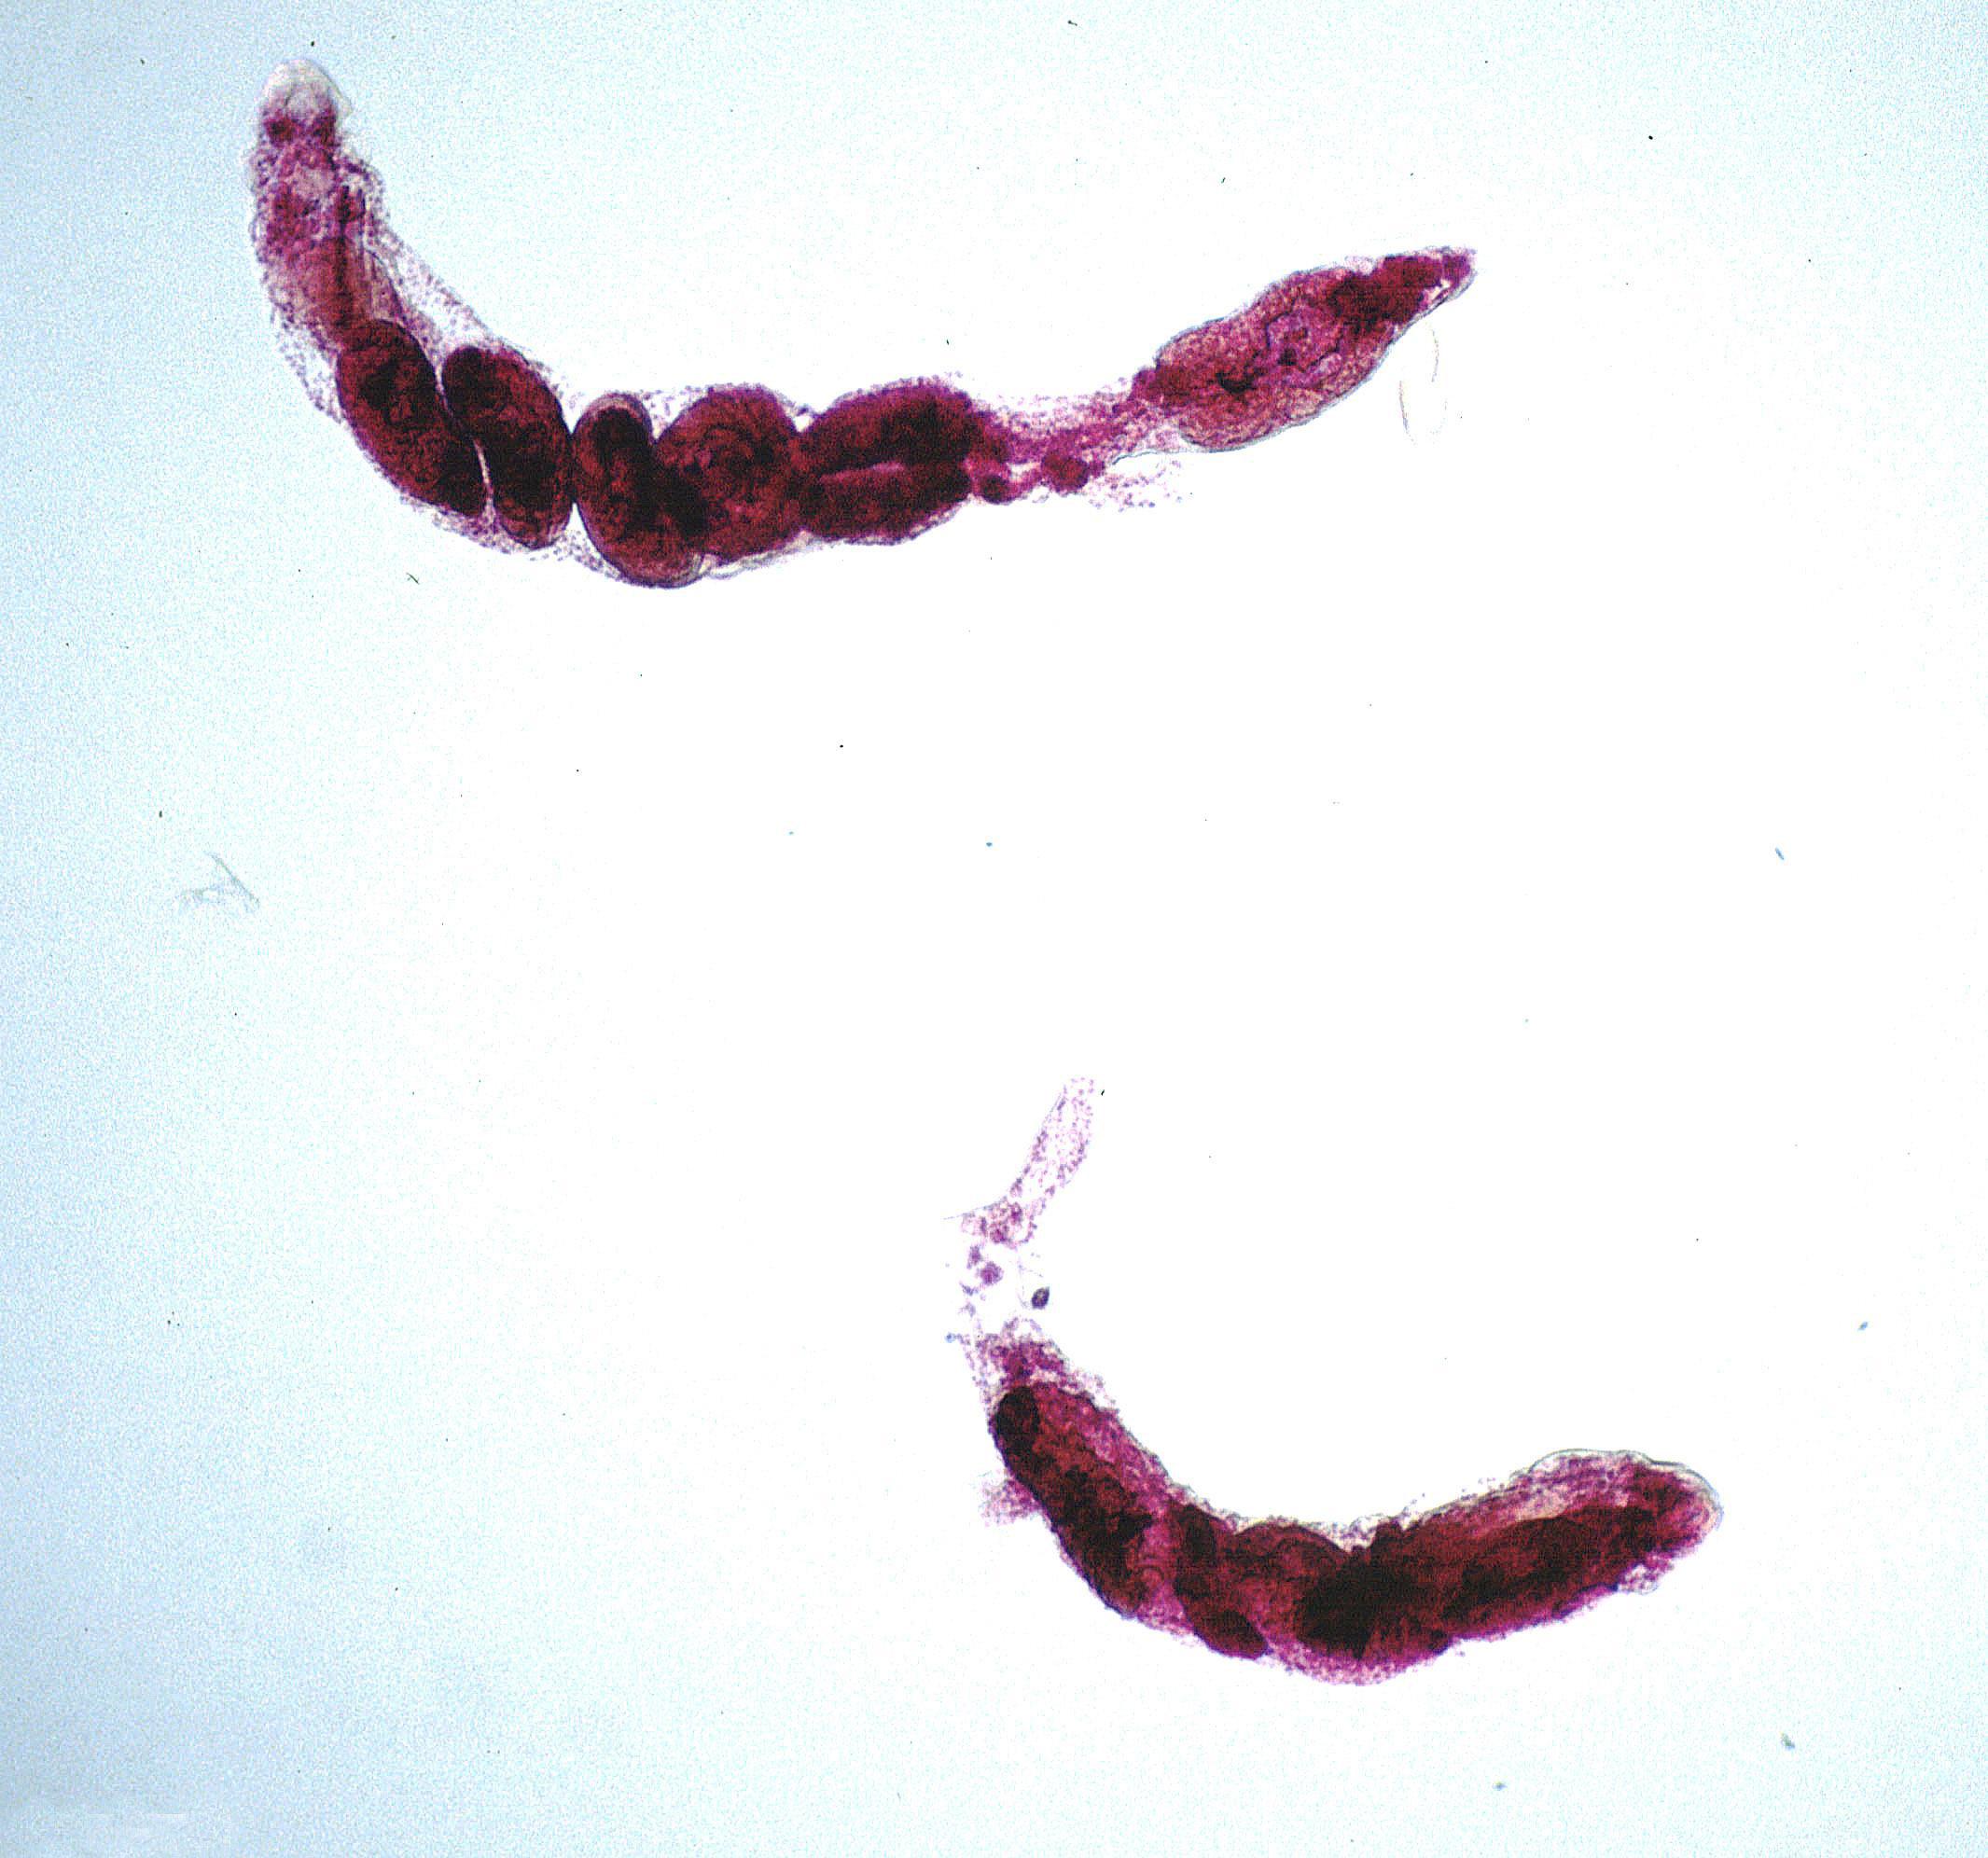 моллюск паразит человека